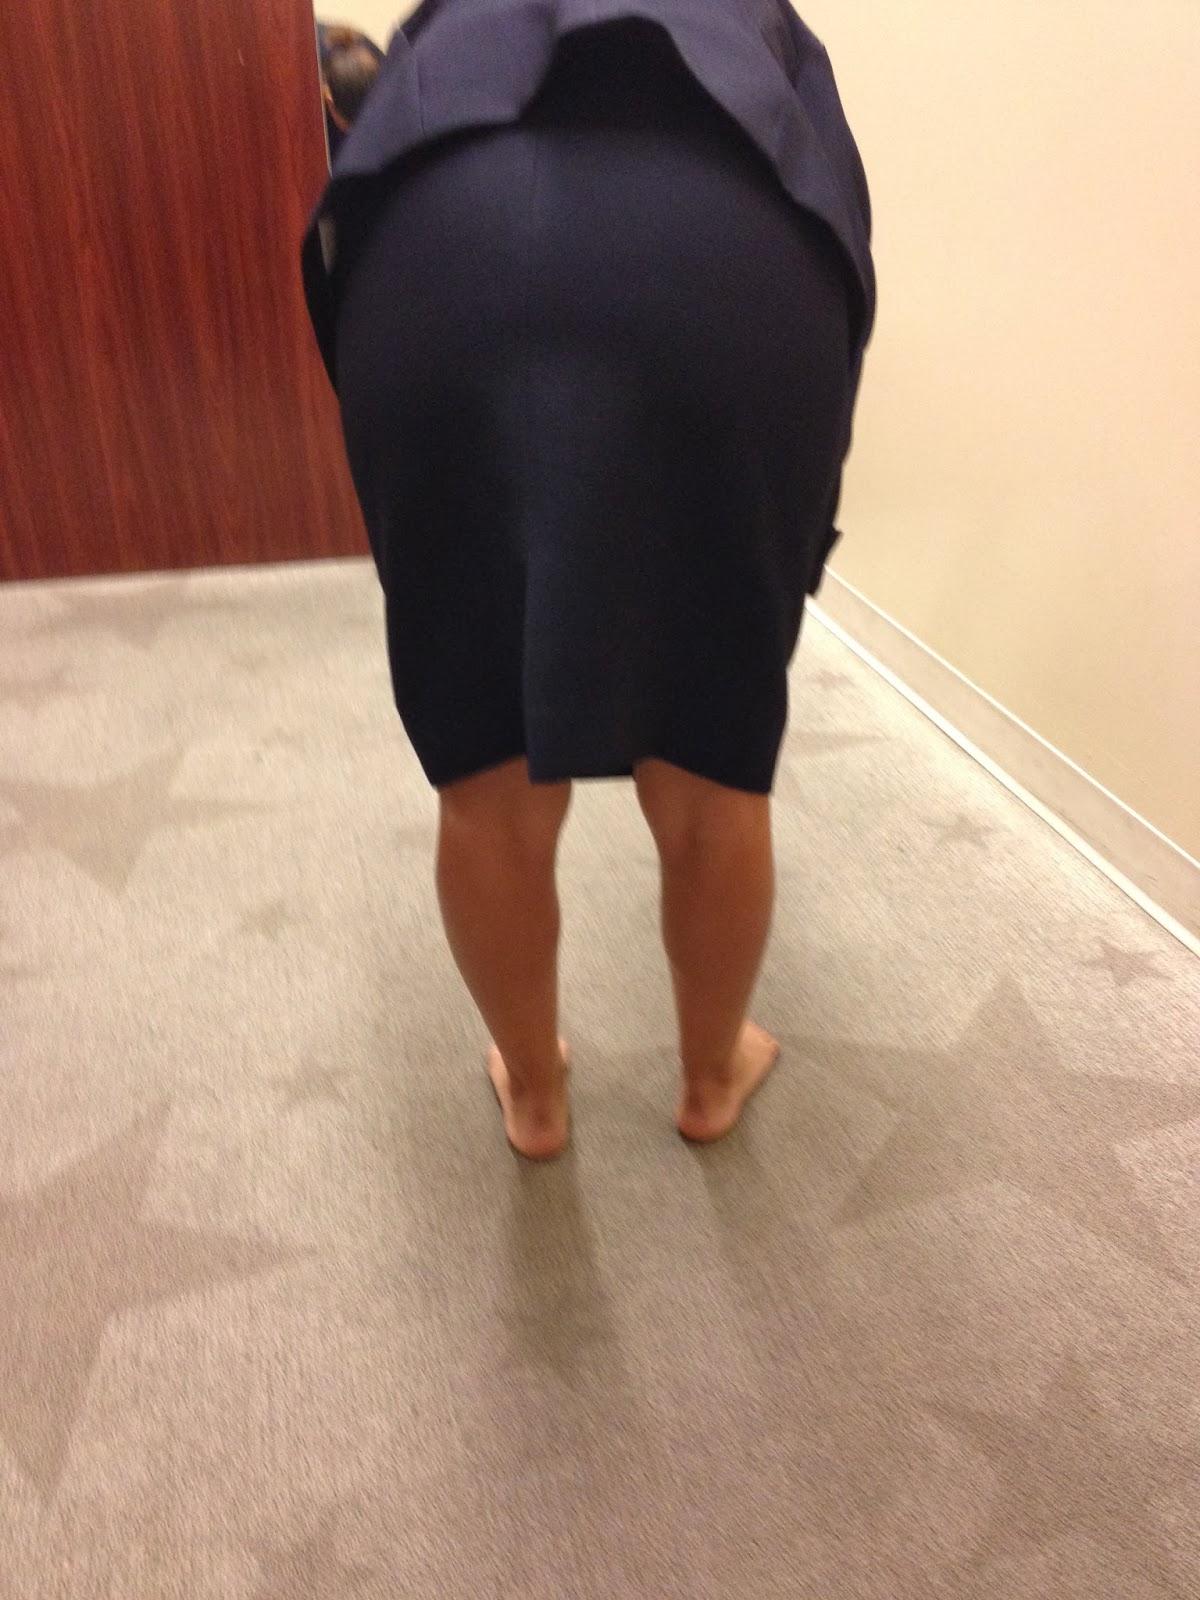 Public girls in skirts bending over